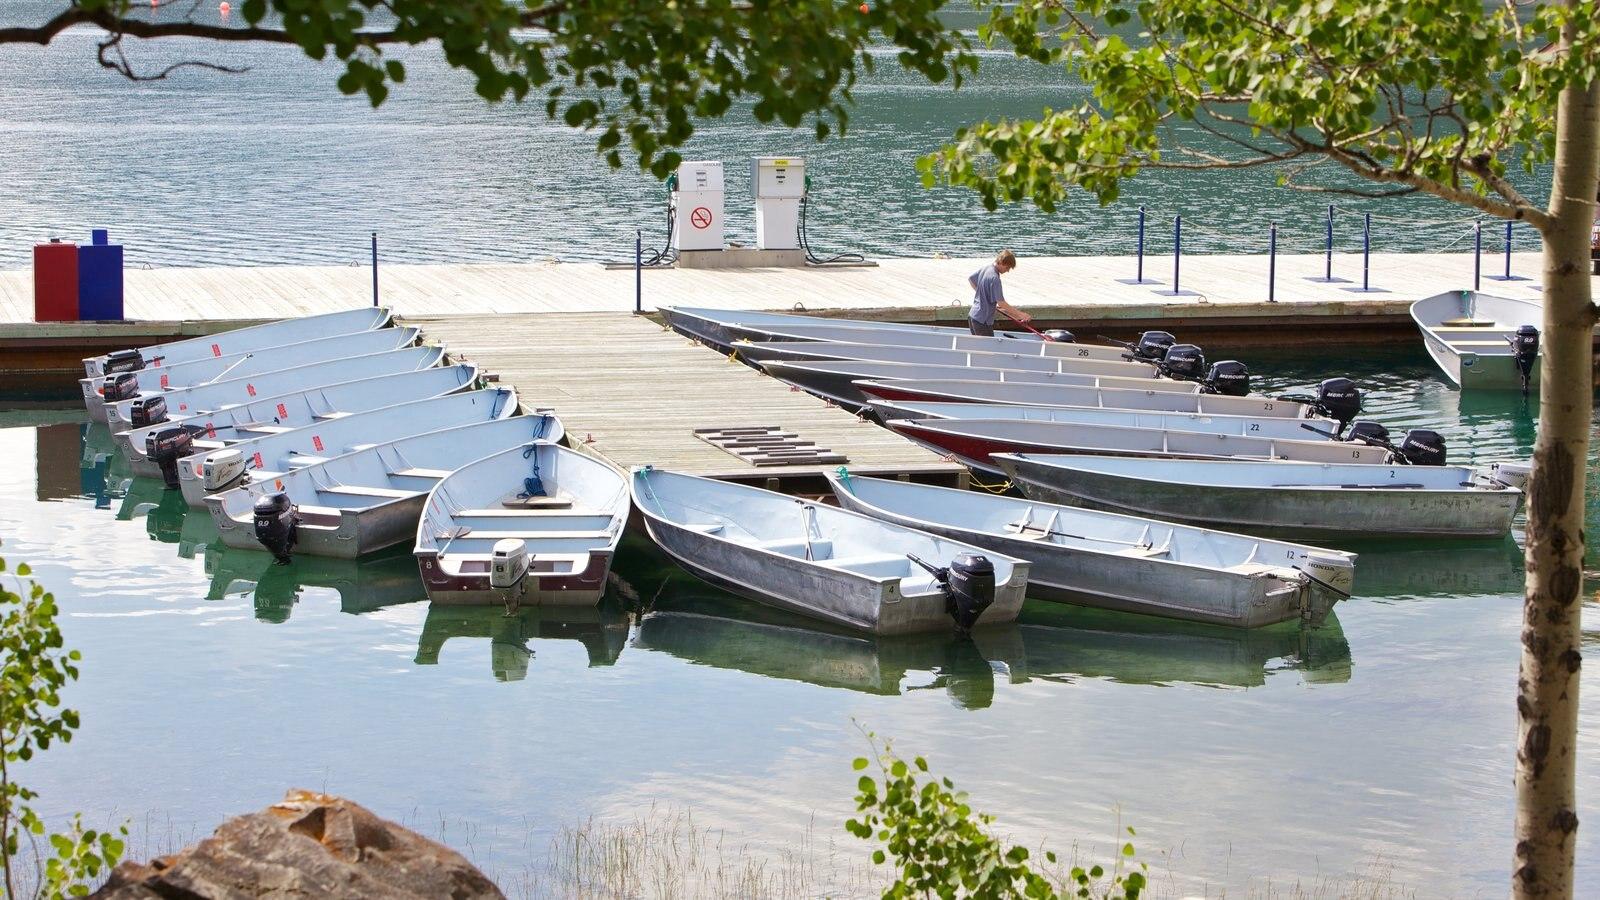 Lake Minnewanka showing boating and a lake or waterhole